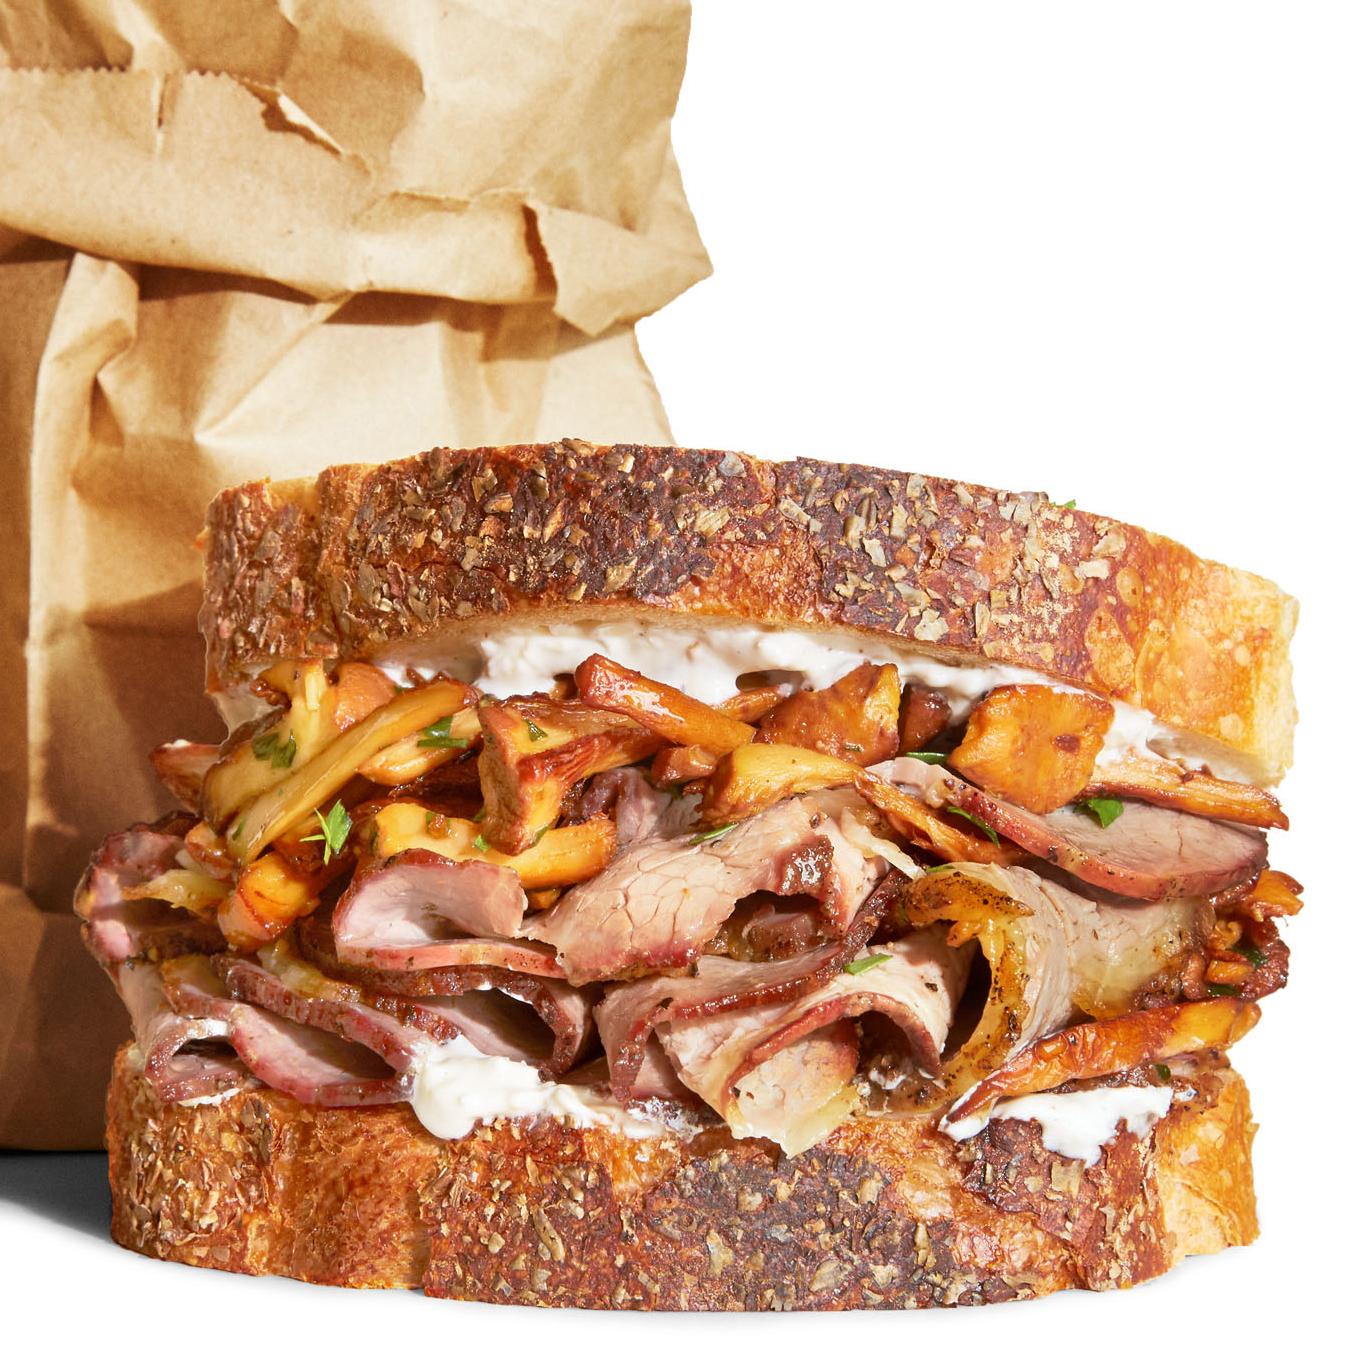 DIY Roast Beef Sandwich